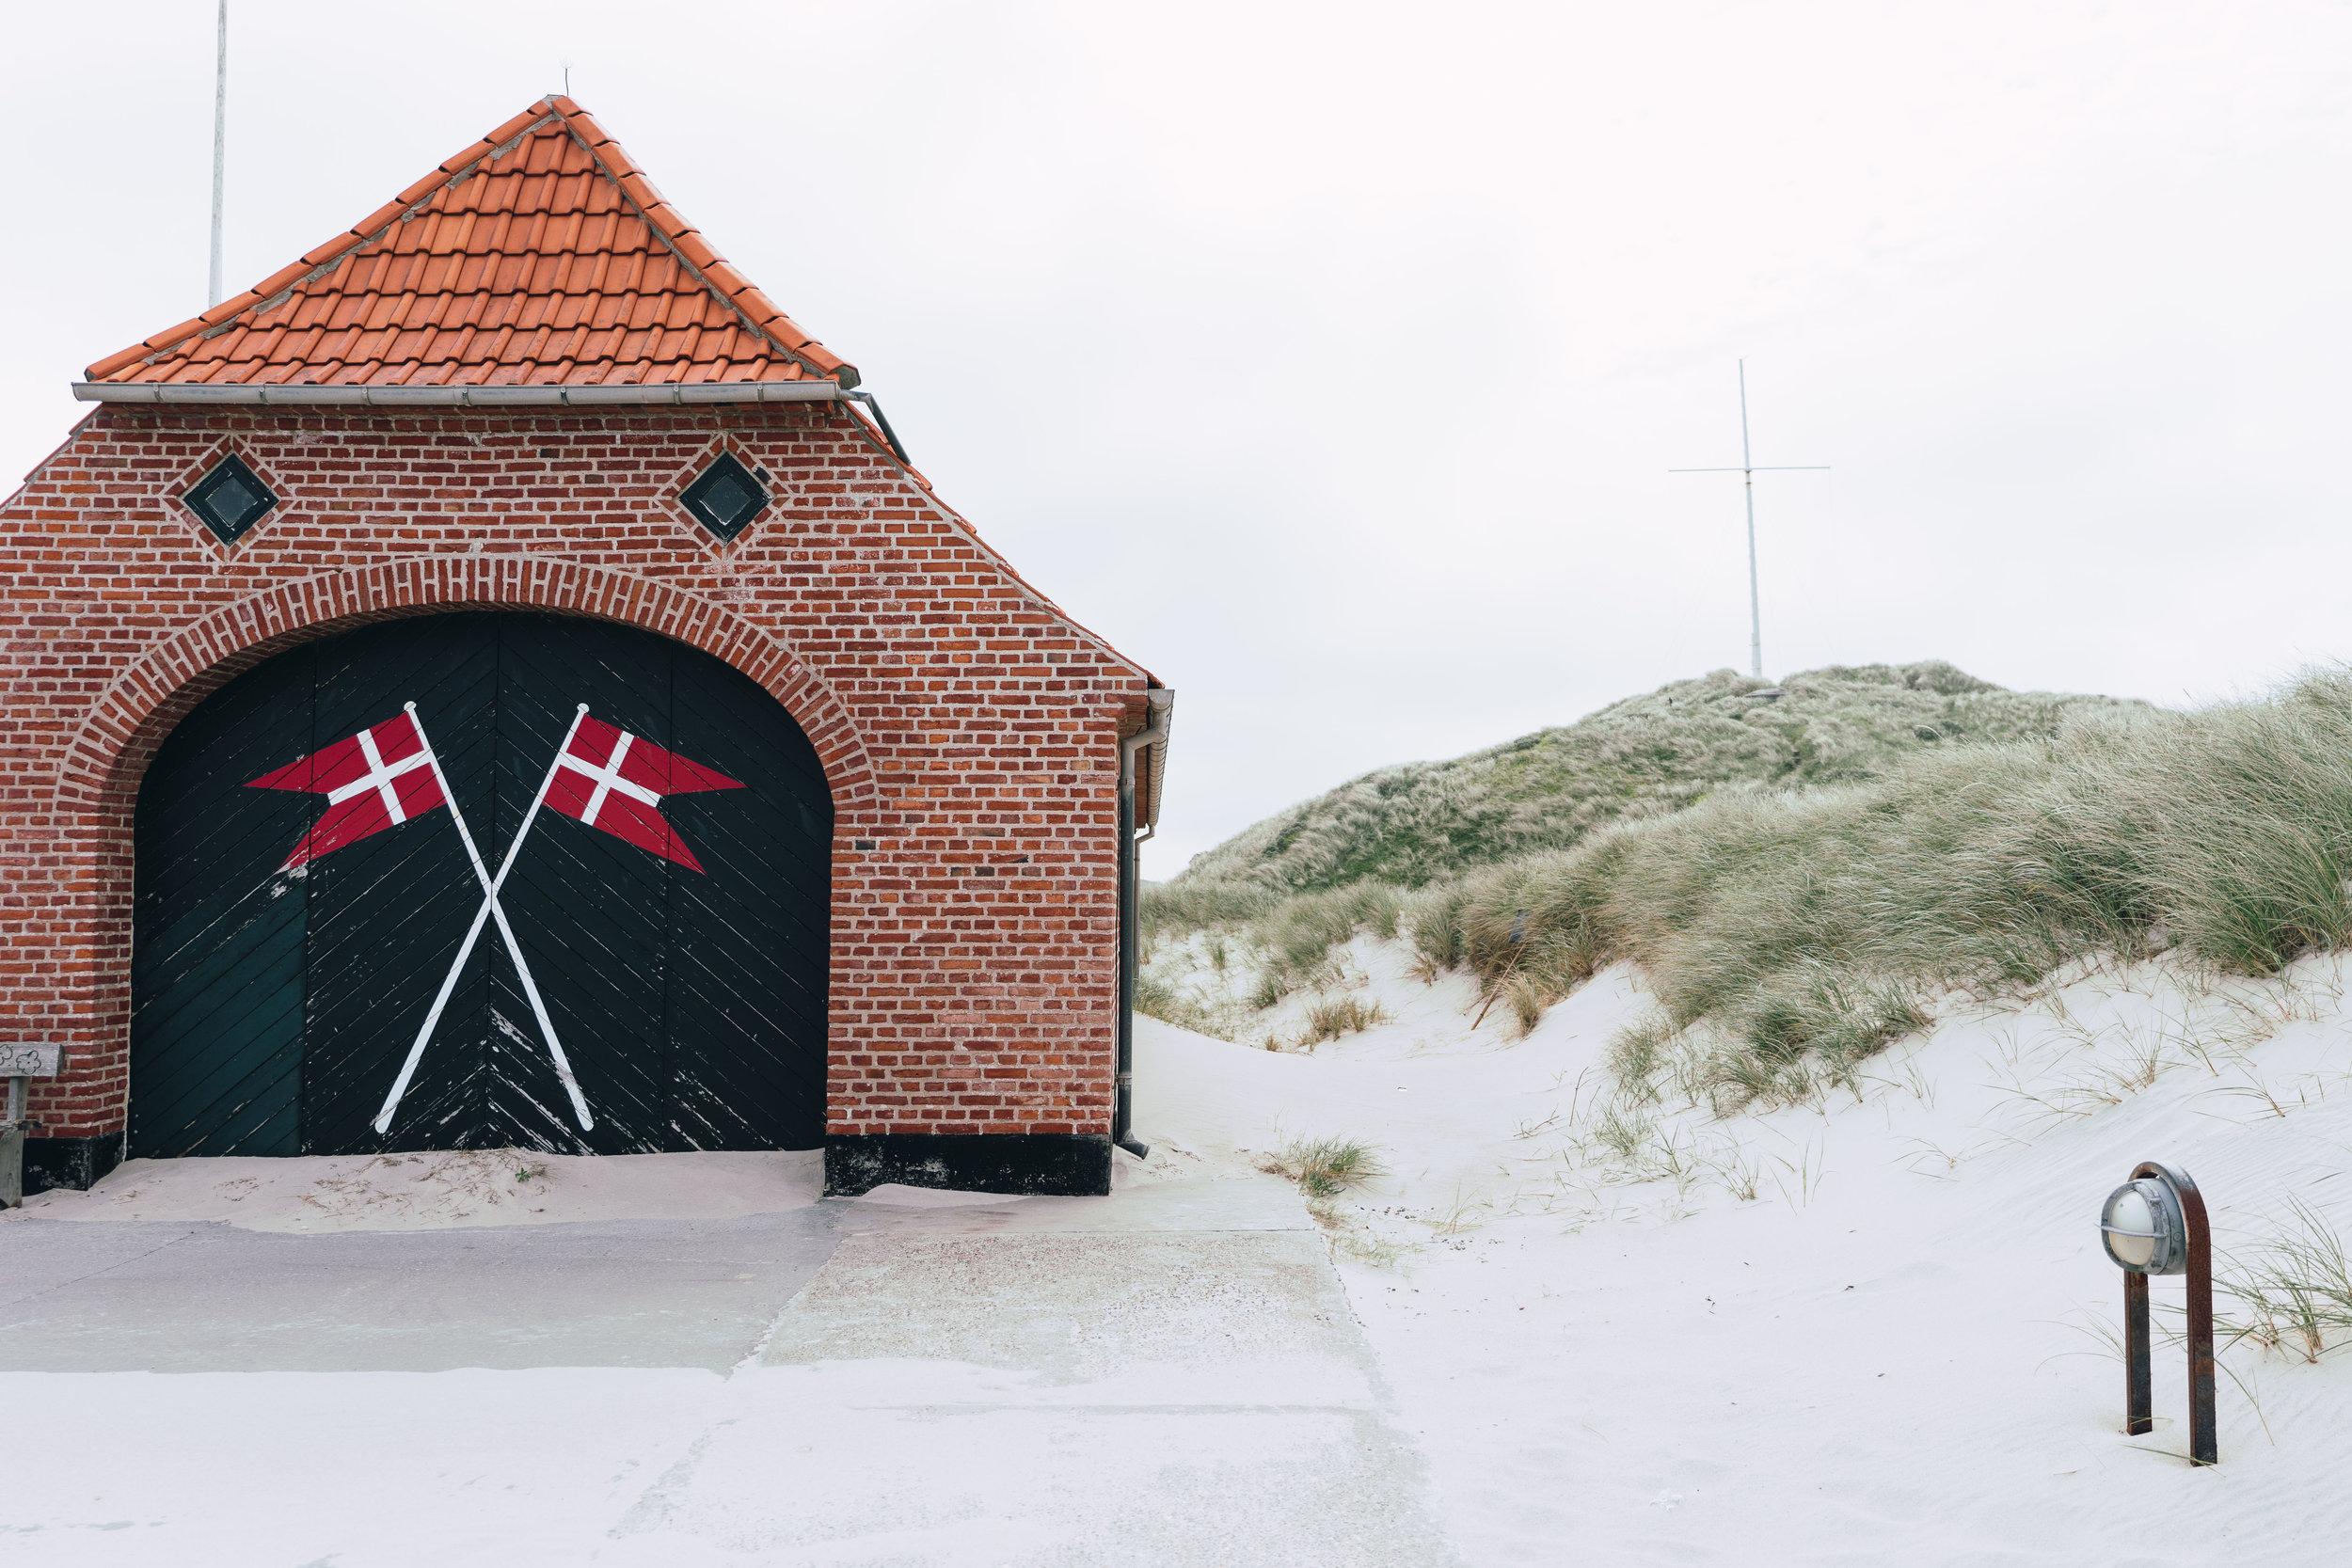 ASROSENVINGE_VisitDenmark_Nordjylland-03272.jpg